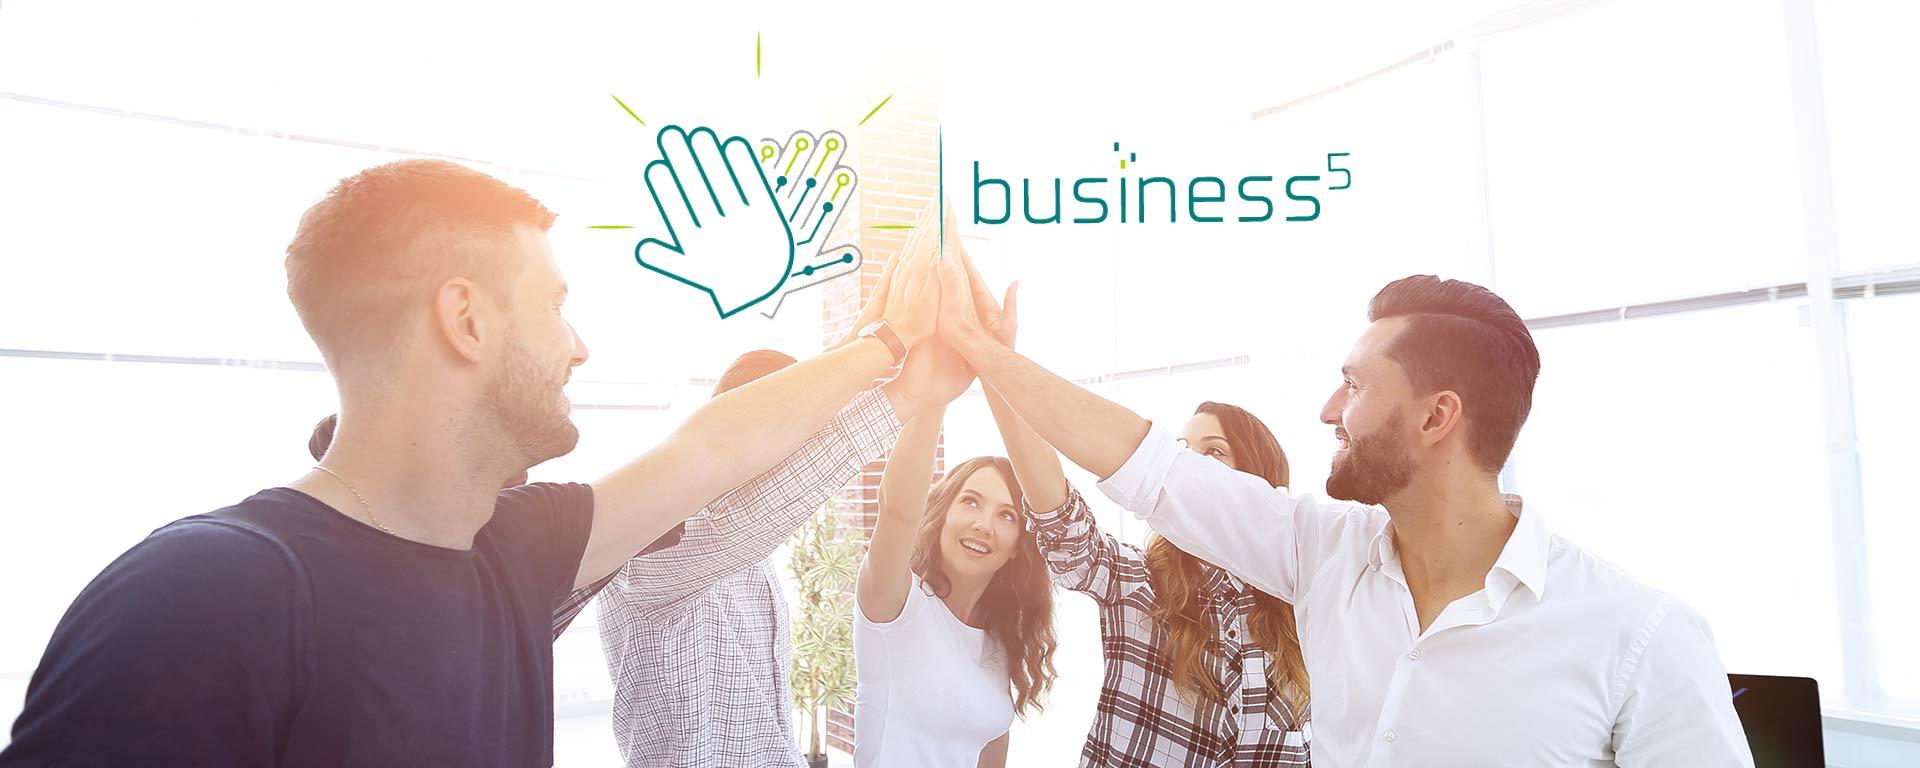 Business High 5 - das neue Unternehmernetzwerk in Stuttgart & München mit kostenloser Basis-Mitgliedschaft bietet gleich 5 Erfolgskomponenten!